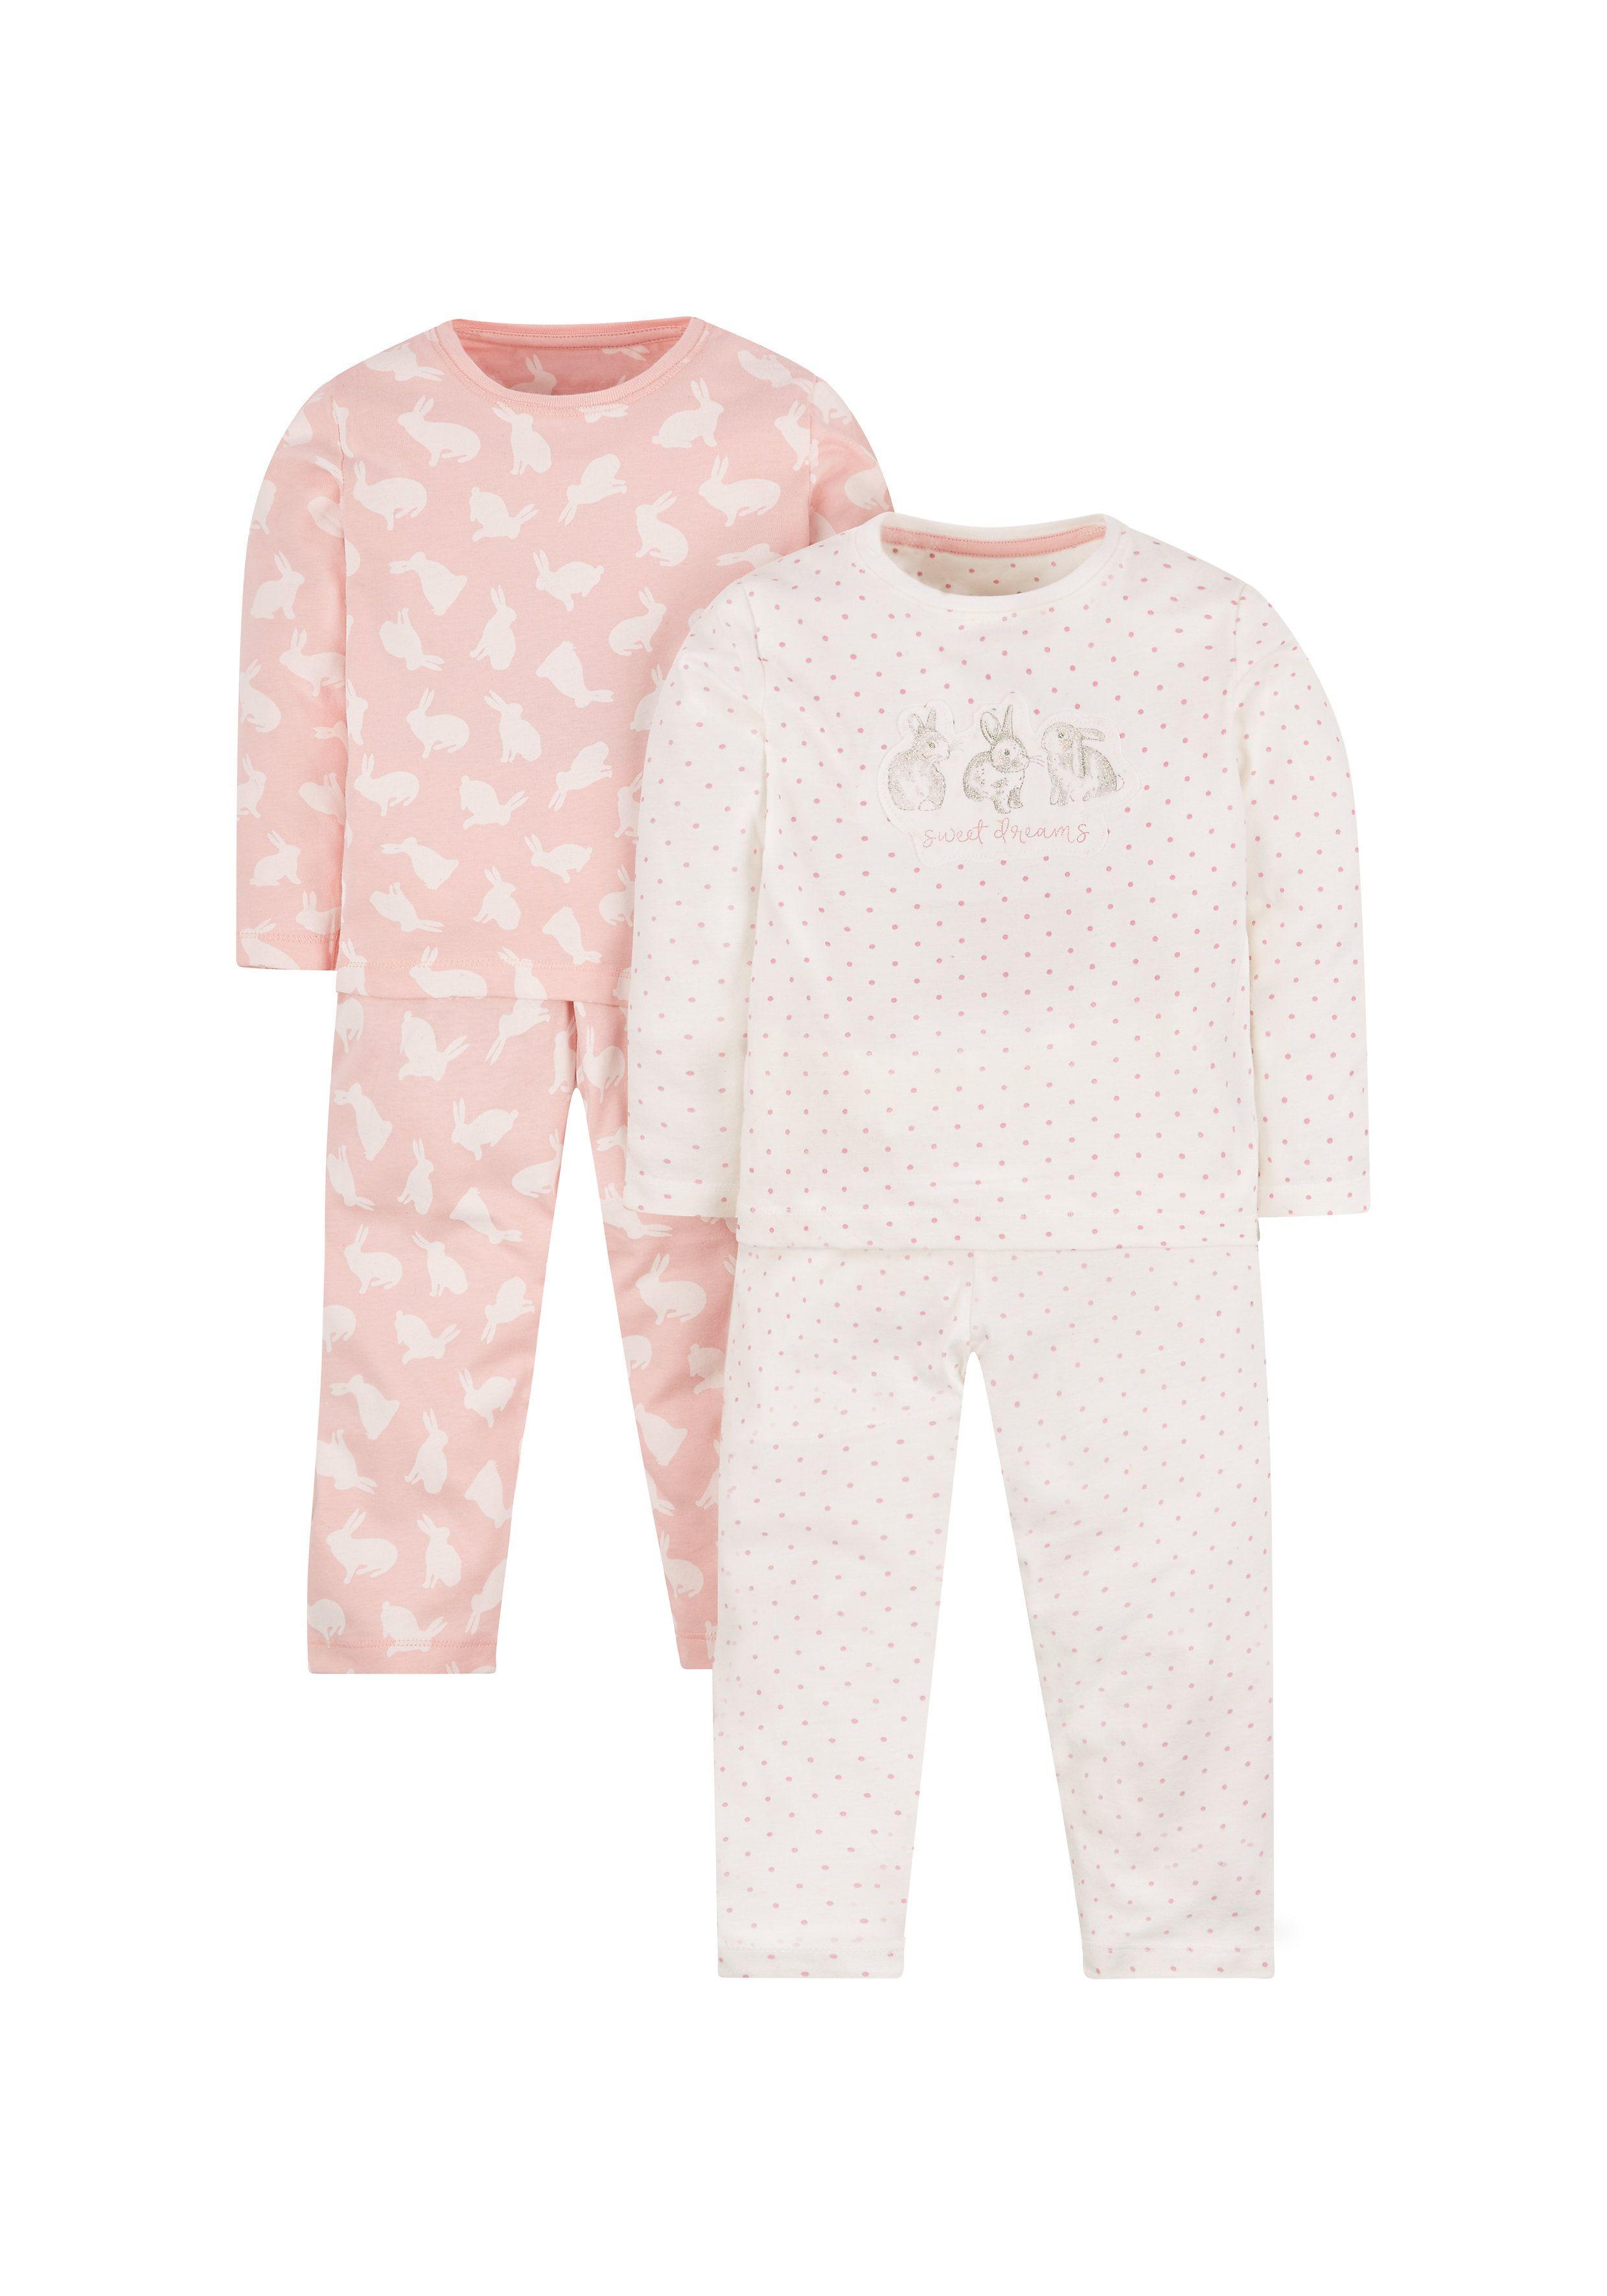 Mothercare | Bunny Pyjamas - 2 Pack